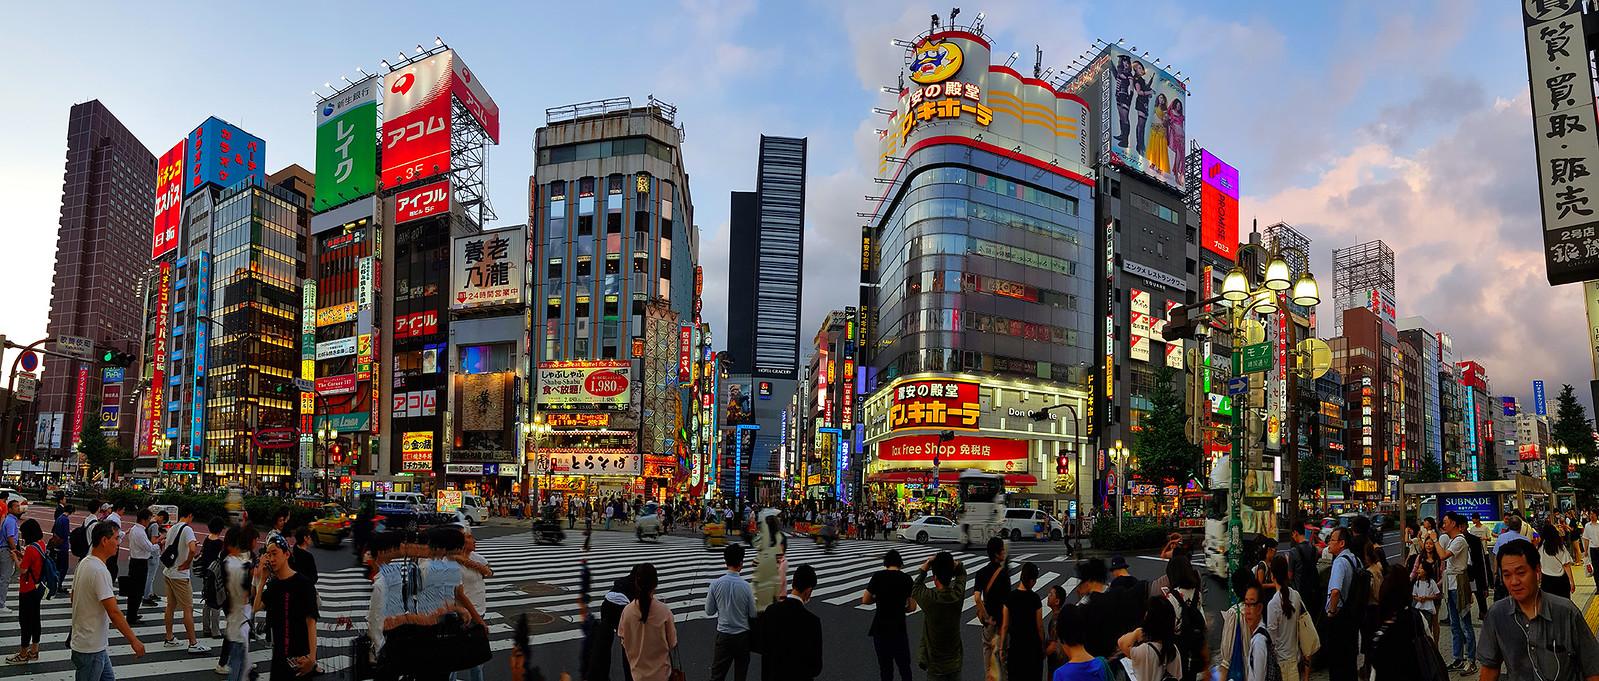 Shibuya - Tokyo - Tokio - Viajar a Japón - ruta por Japón en dos semanas ruta por japón en dos semanas - 36507658510 b1914e593f h - Nuestra Ruta por Japón en dos semanas (Diario de Viaje a Japón)